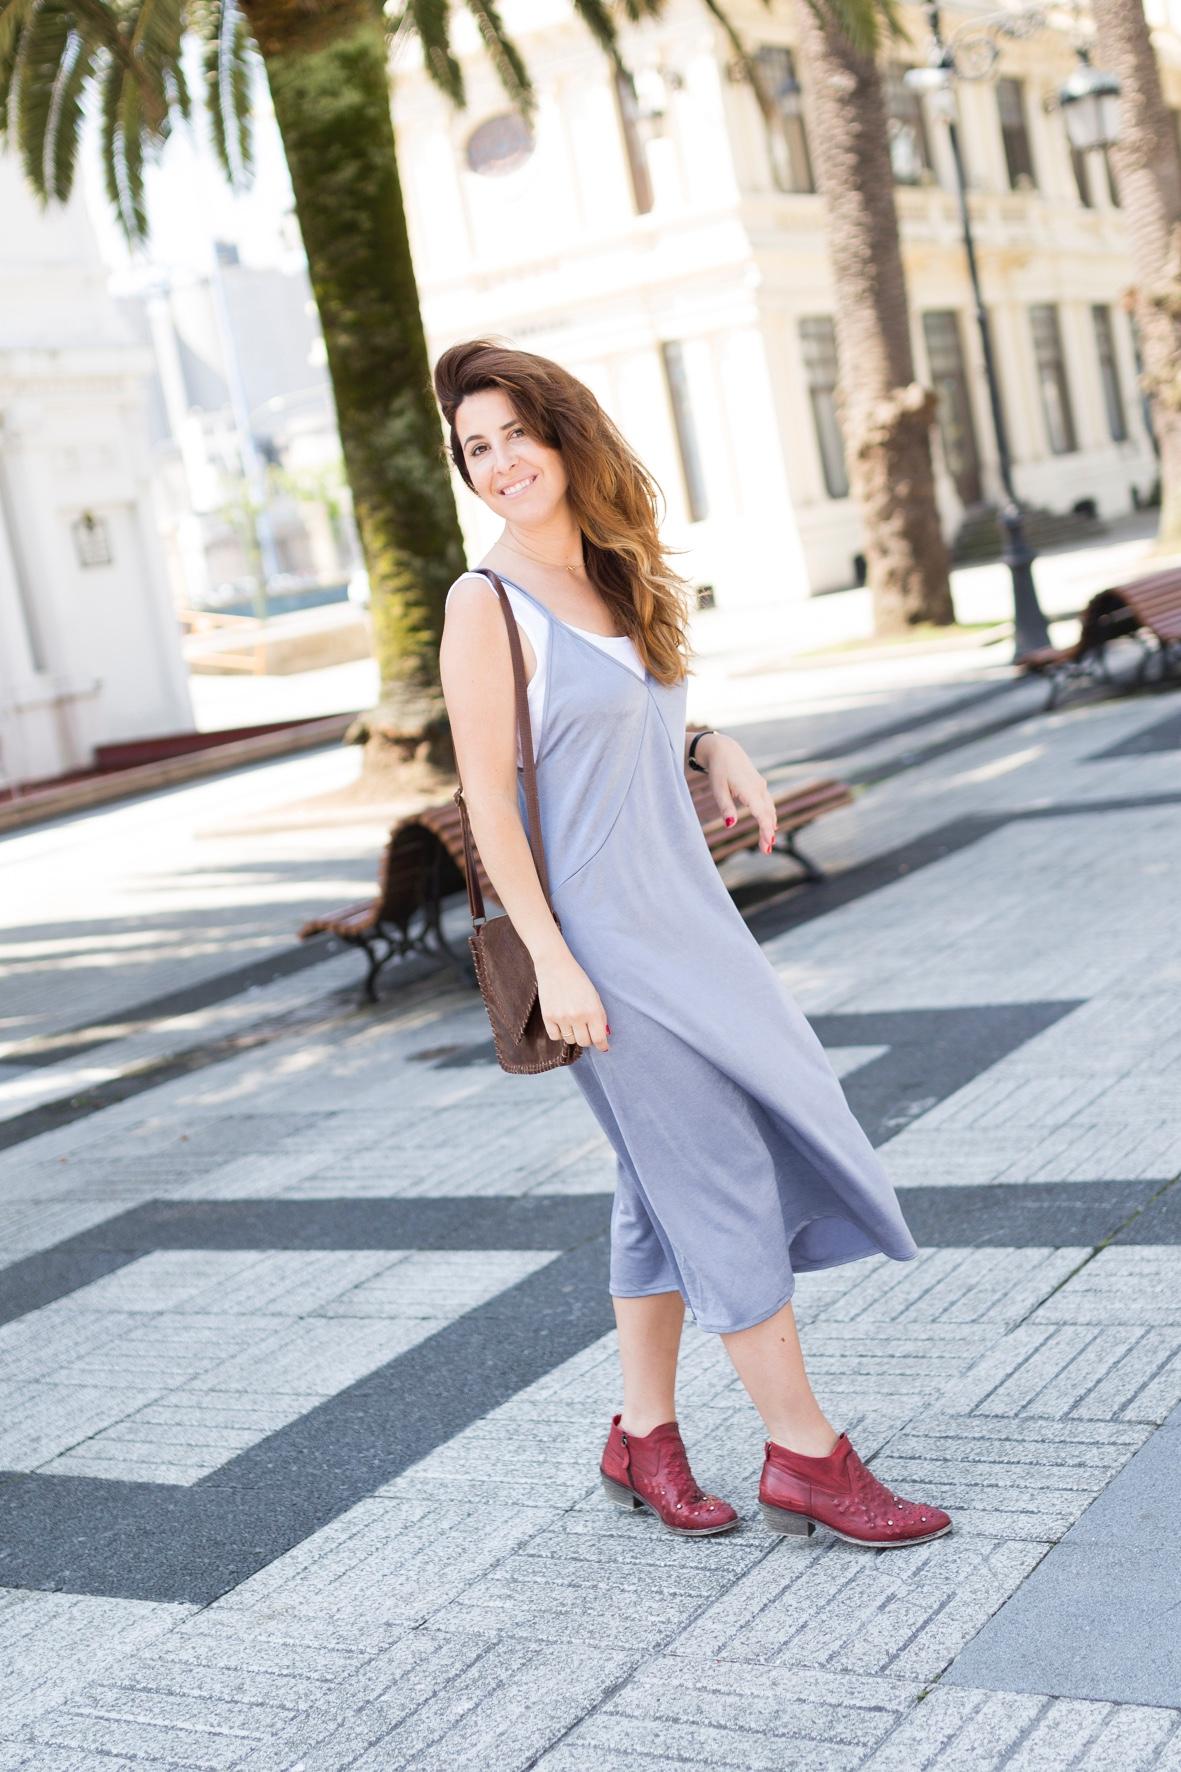 ootd-descalzaporelparque-vestido-botines- zara -streetstyle-moda -calle-coruña-dress-style-urban outfitters- bag